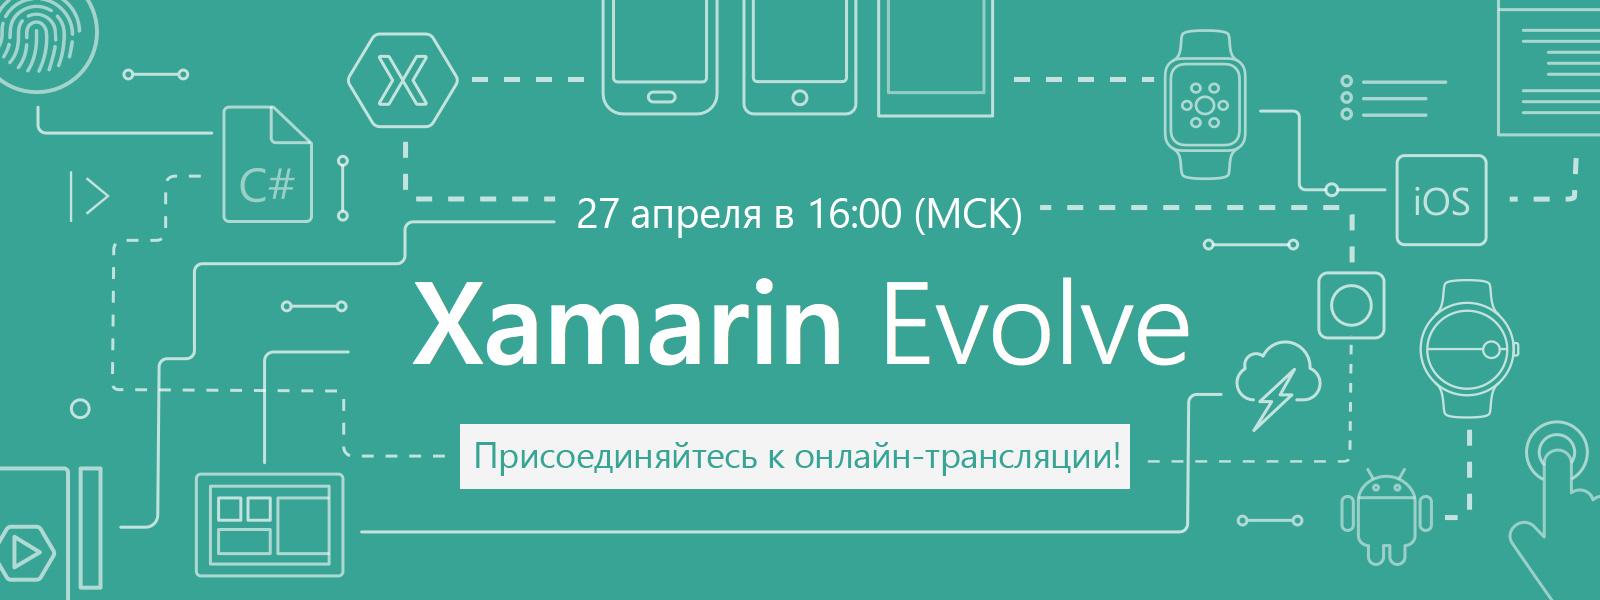 Подключайтесь к онлайн-трансляции! Открытие конференции Xamarin Evolve 27 апреля - 1